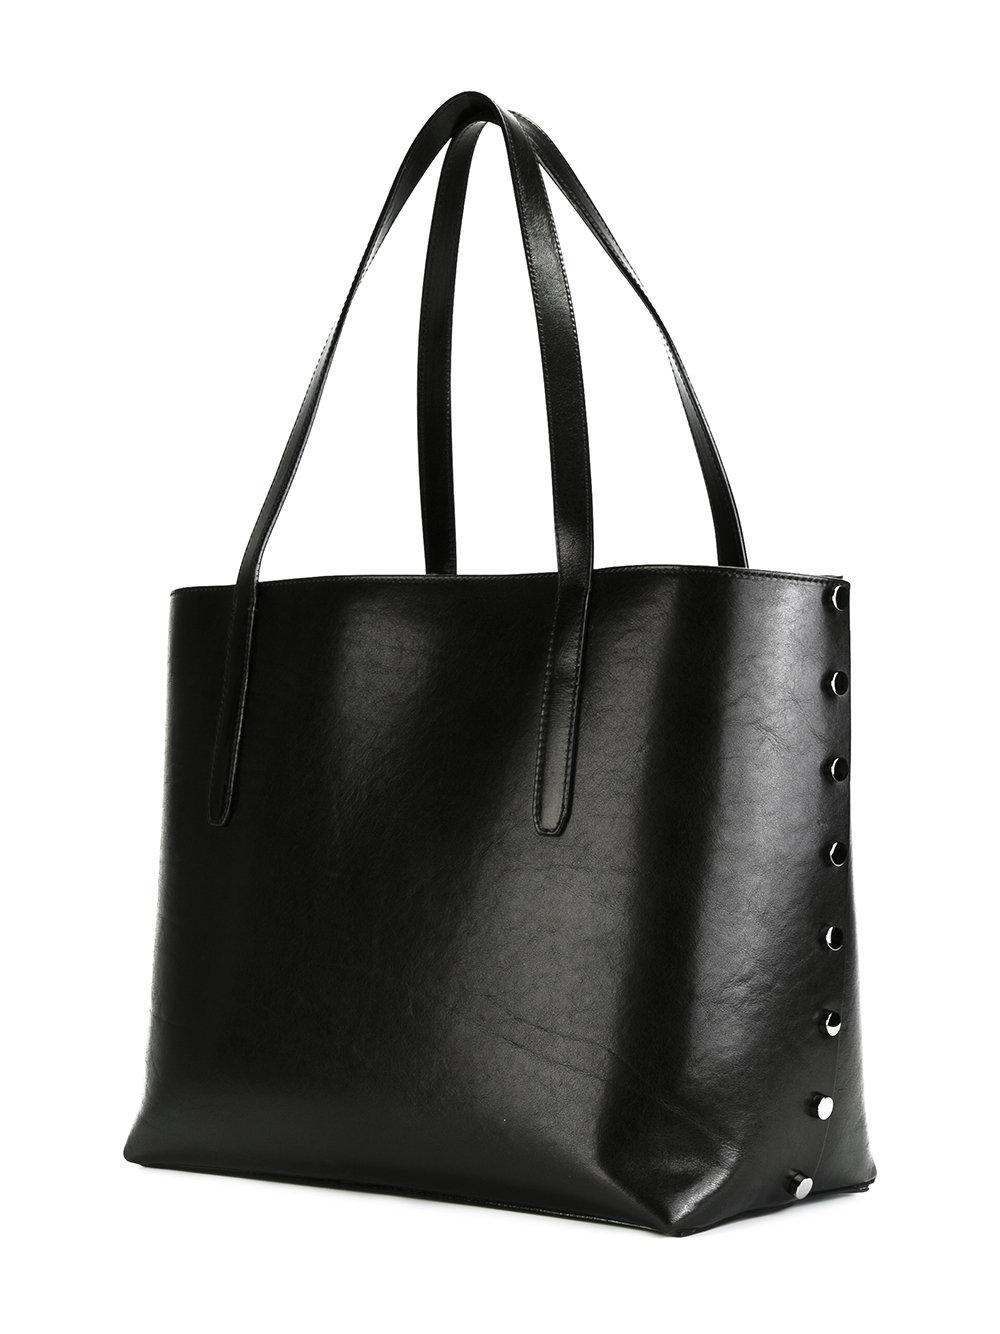 Jimmy Choo - Twist East West Tote - Women - Leather - One Size in Black